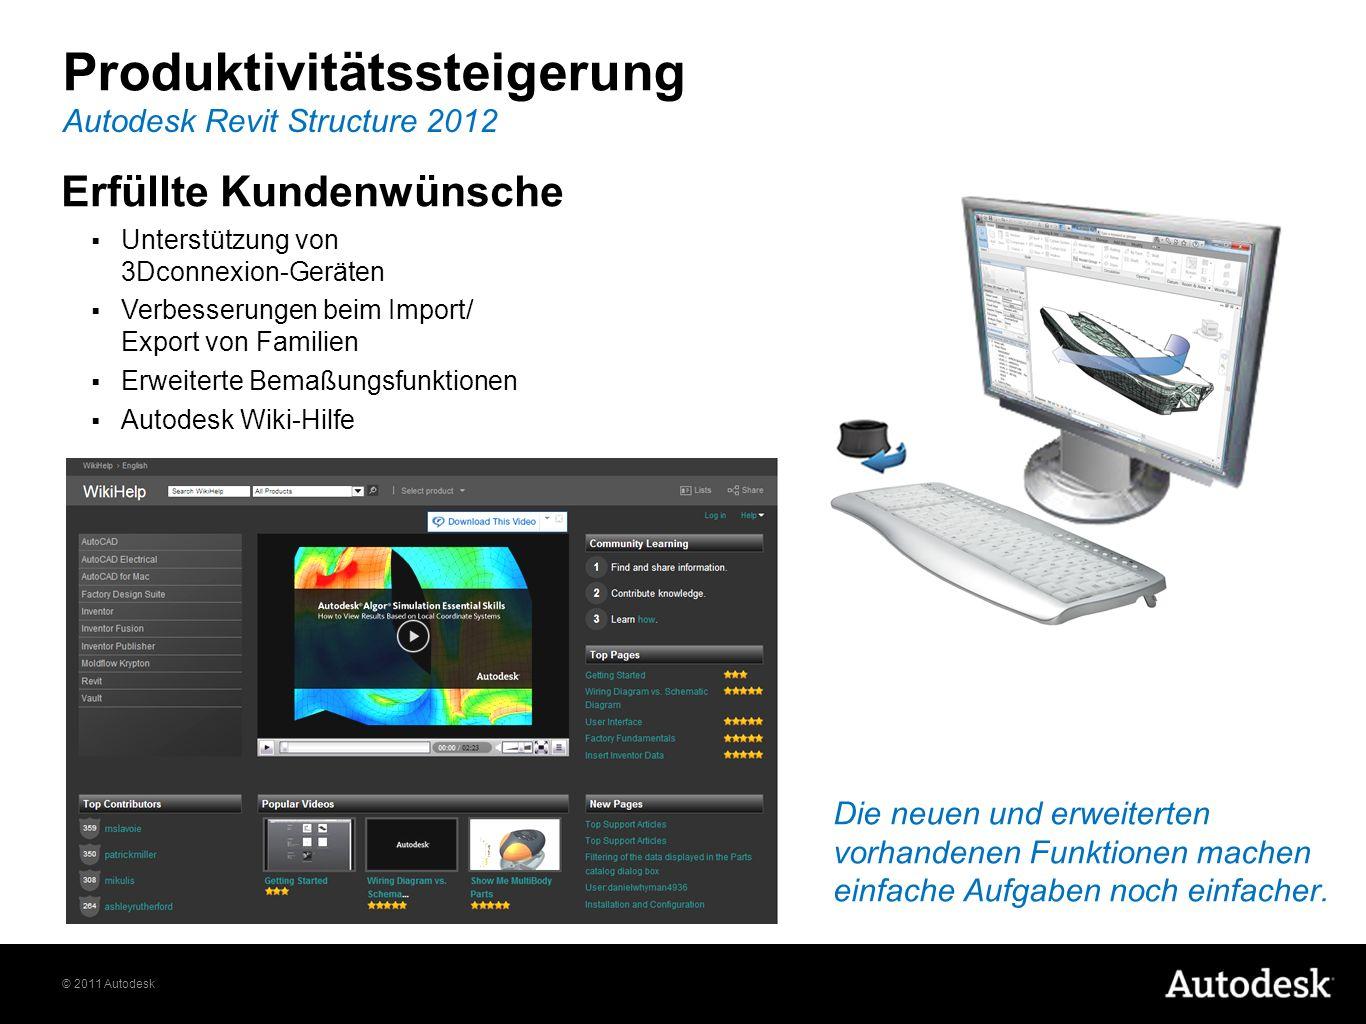 © 2011 Autodesk Produktivitätssteigerung Erfüllte Kundenwünsche Unterstützung von 3Dconnexion-Geräten Verbesserungen beim Import/ Export von Familien